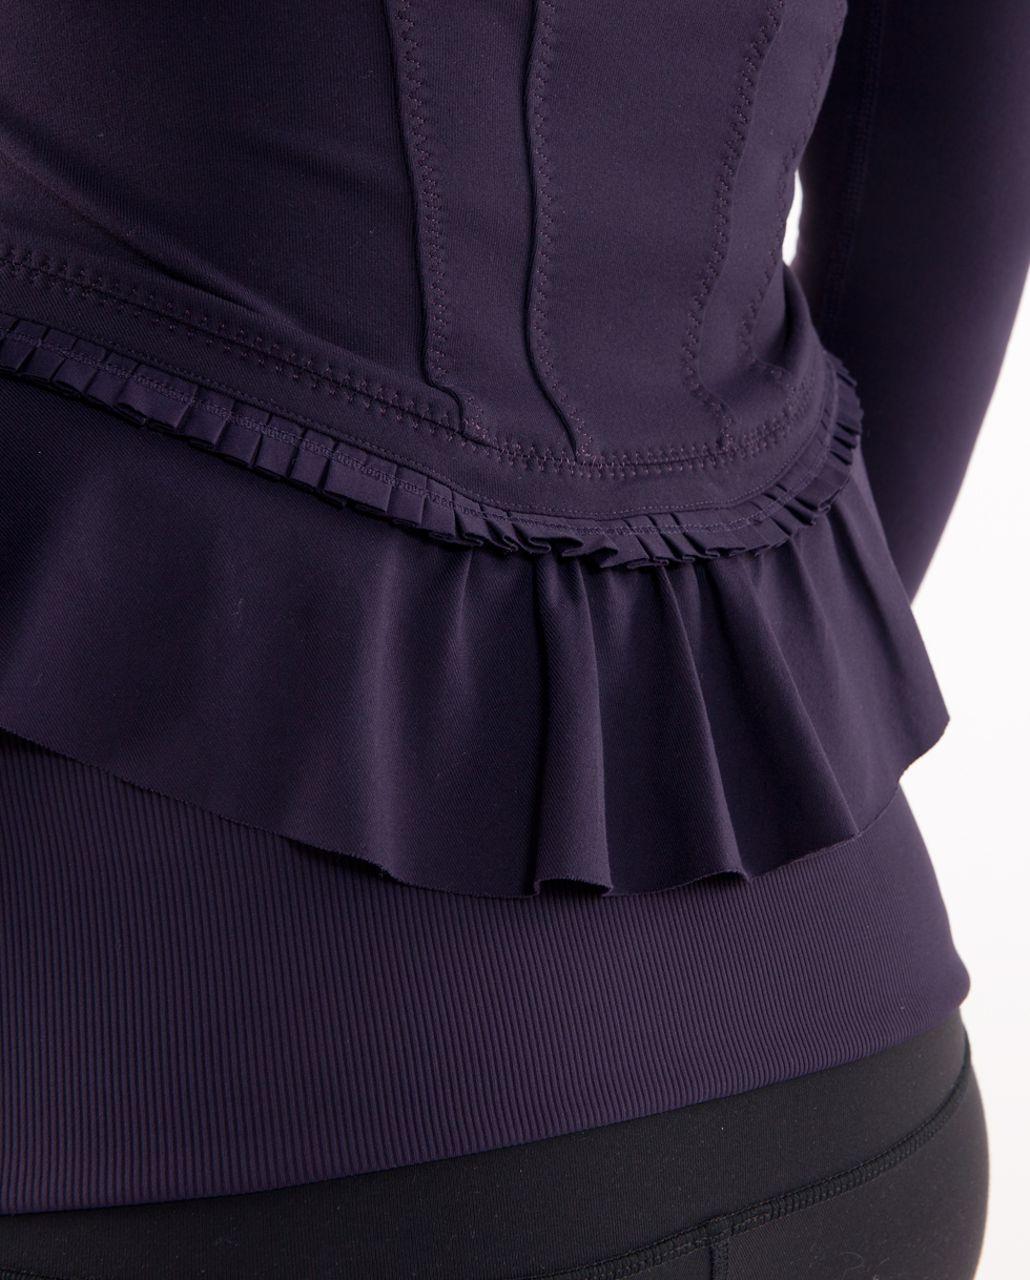 Lululemon City To Yoga Jacket - Black Swan